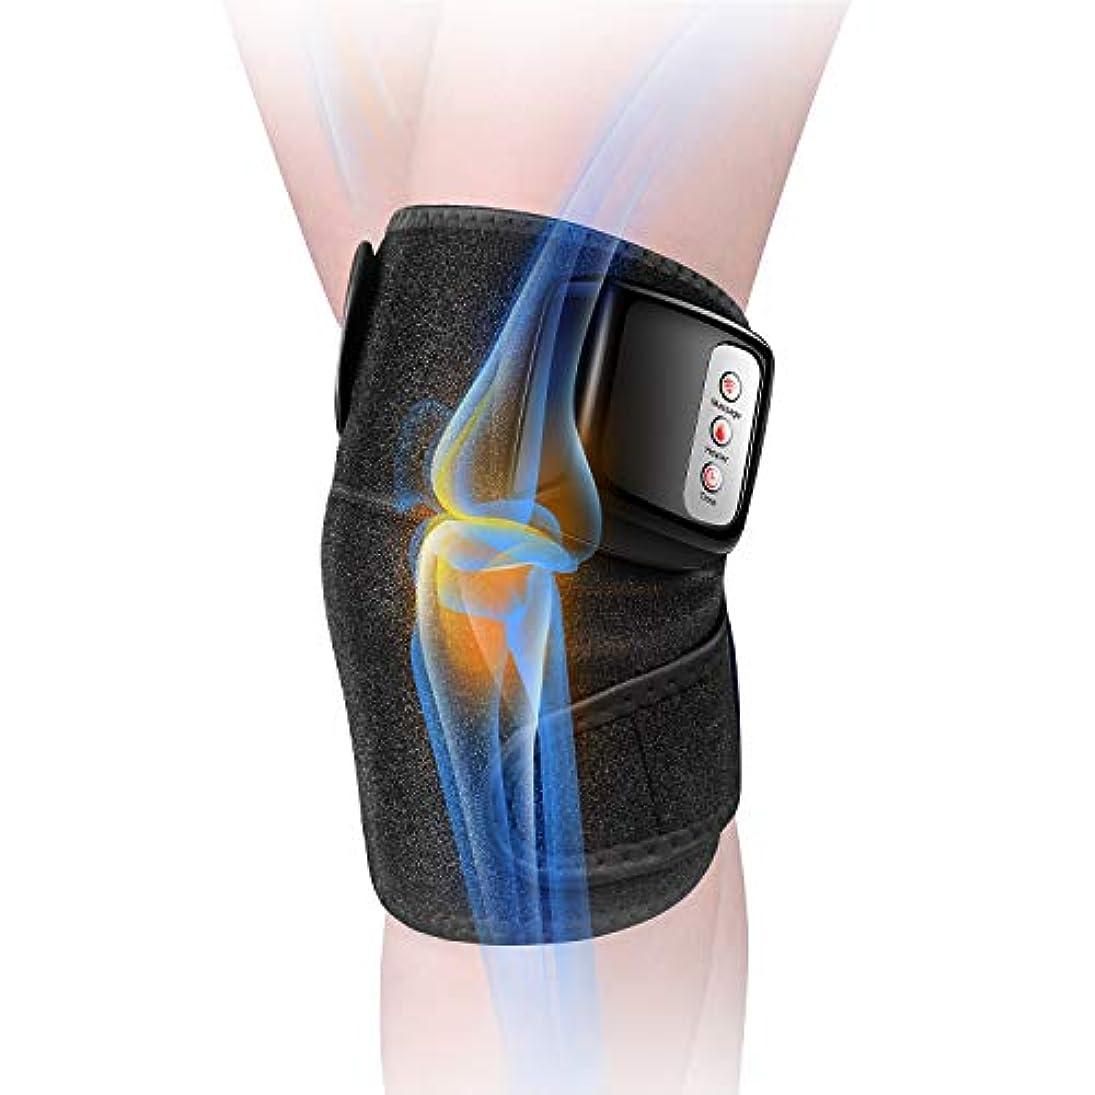 コーンウォールお祝いカッター膝マッサージャー 関節マッサージャー マッサージ器 フットマッサージャー 振動 赤外線療法 温熱療法 膝サポーター ストレス解消 肩 太もも/腕対応